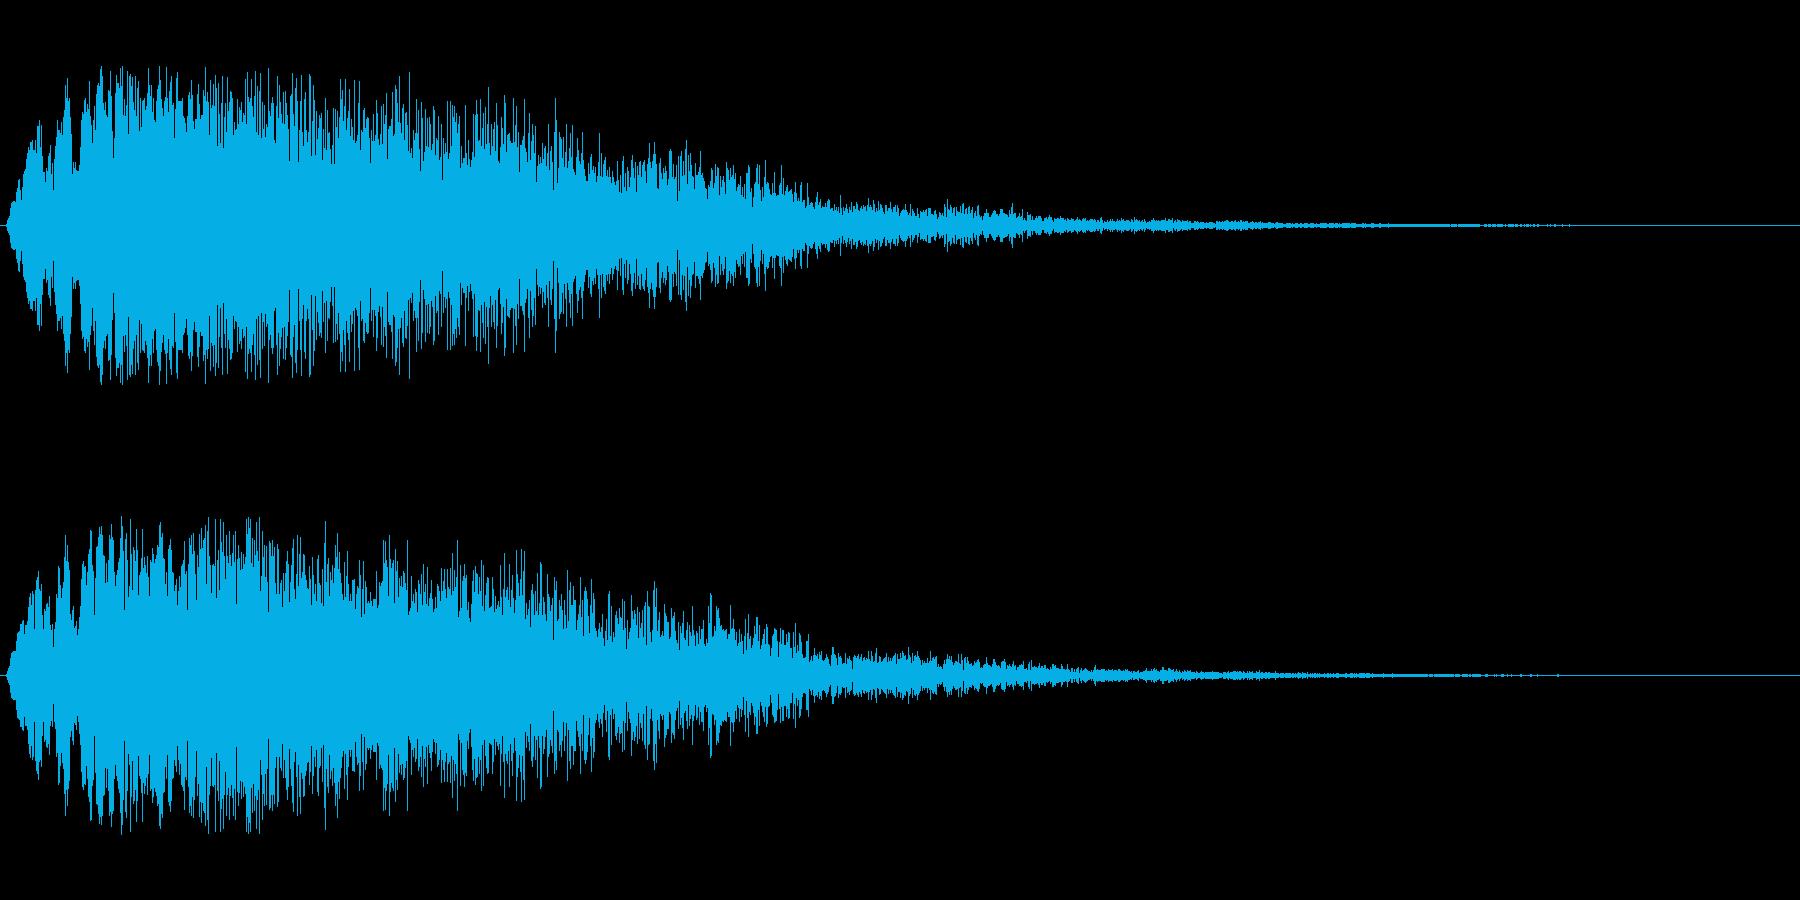 キラキラ流れ星(ダウン)の再生済みの波形